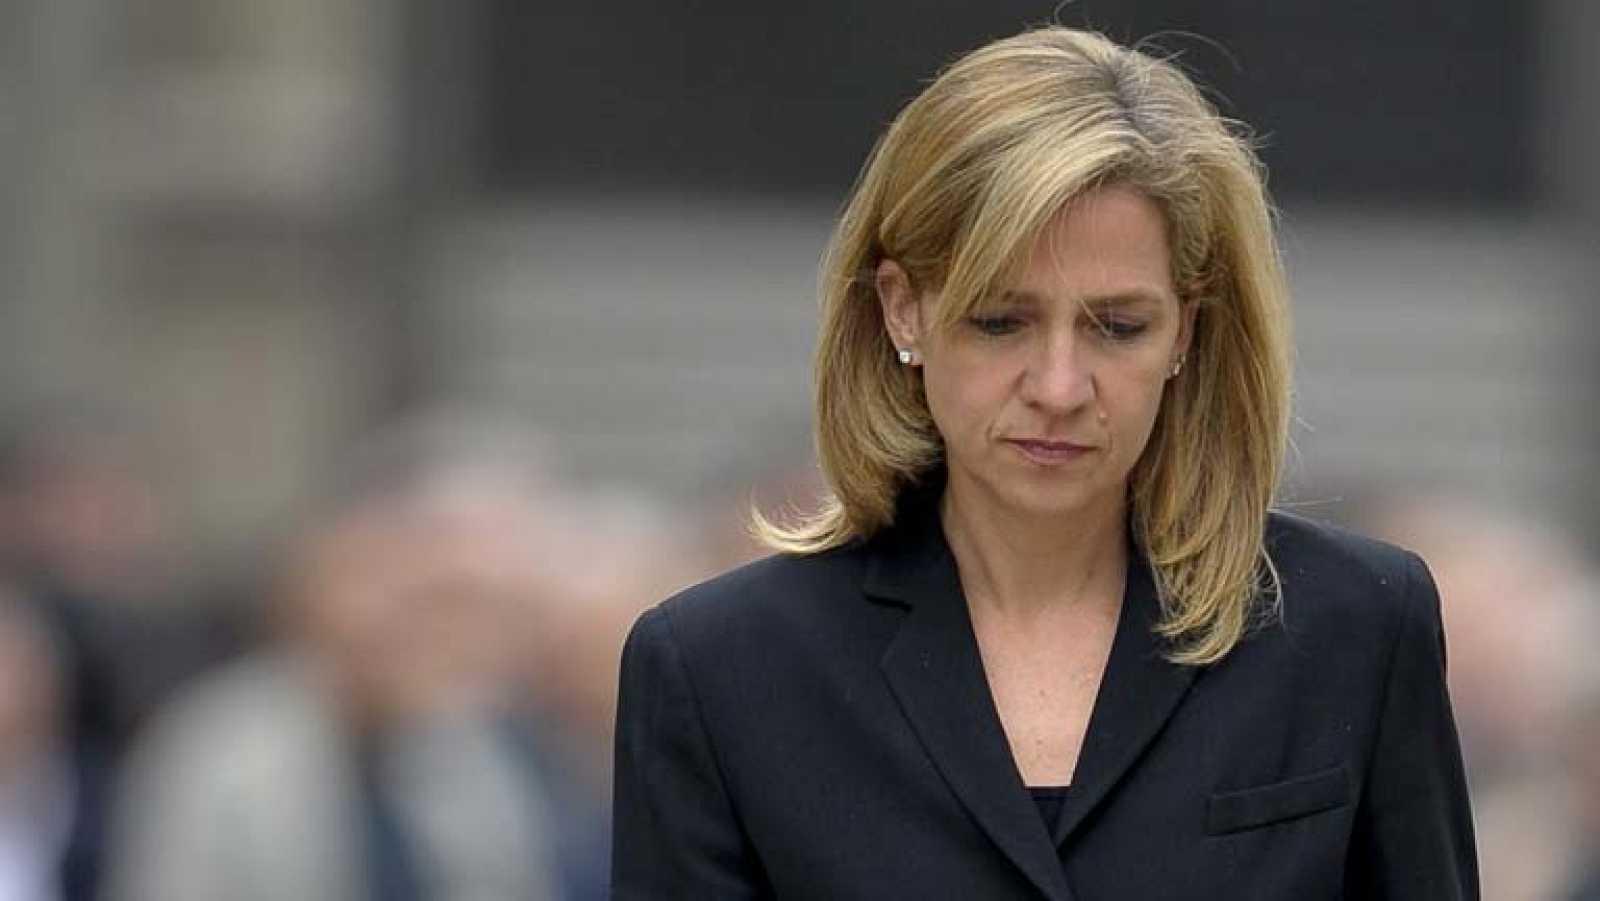 El juez Castro pregunta de nuevo a las partes del caso Nóos, si debe imputar a la Infanta Cristina